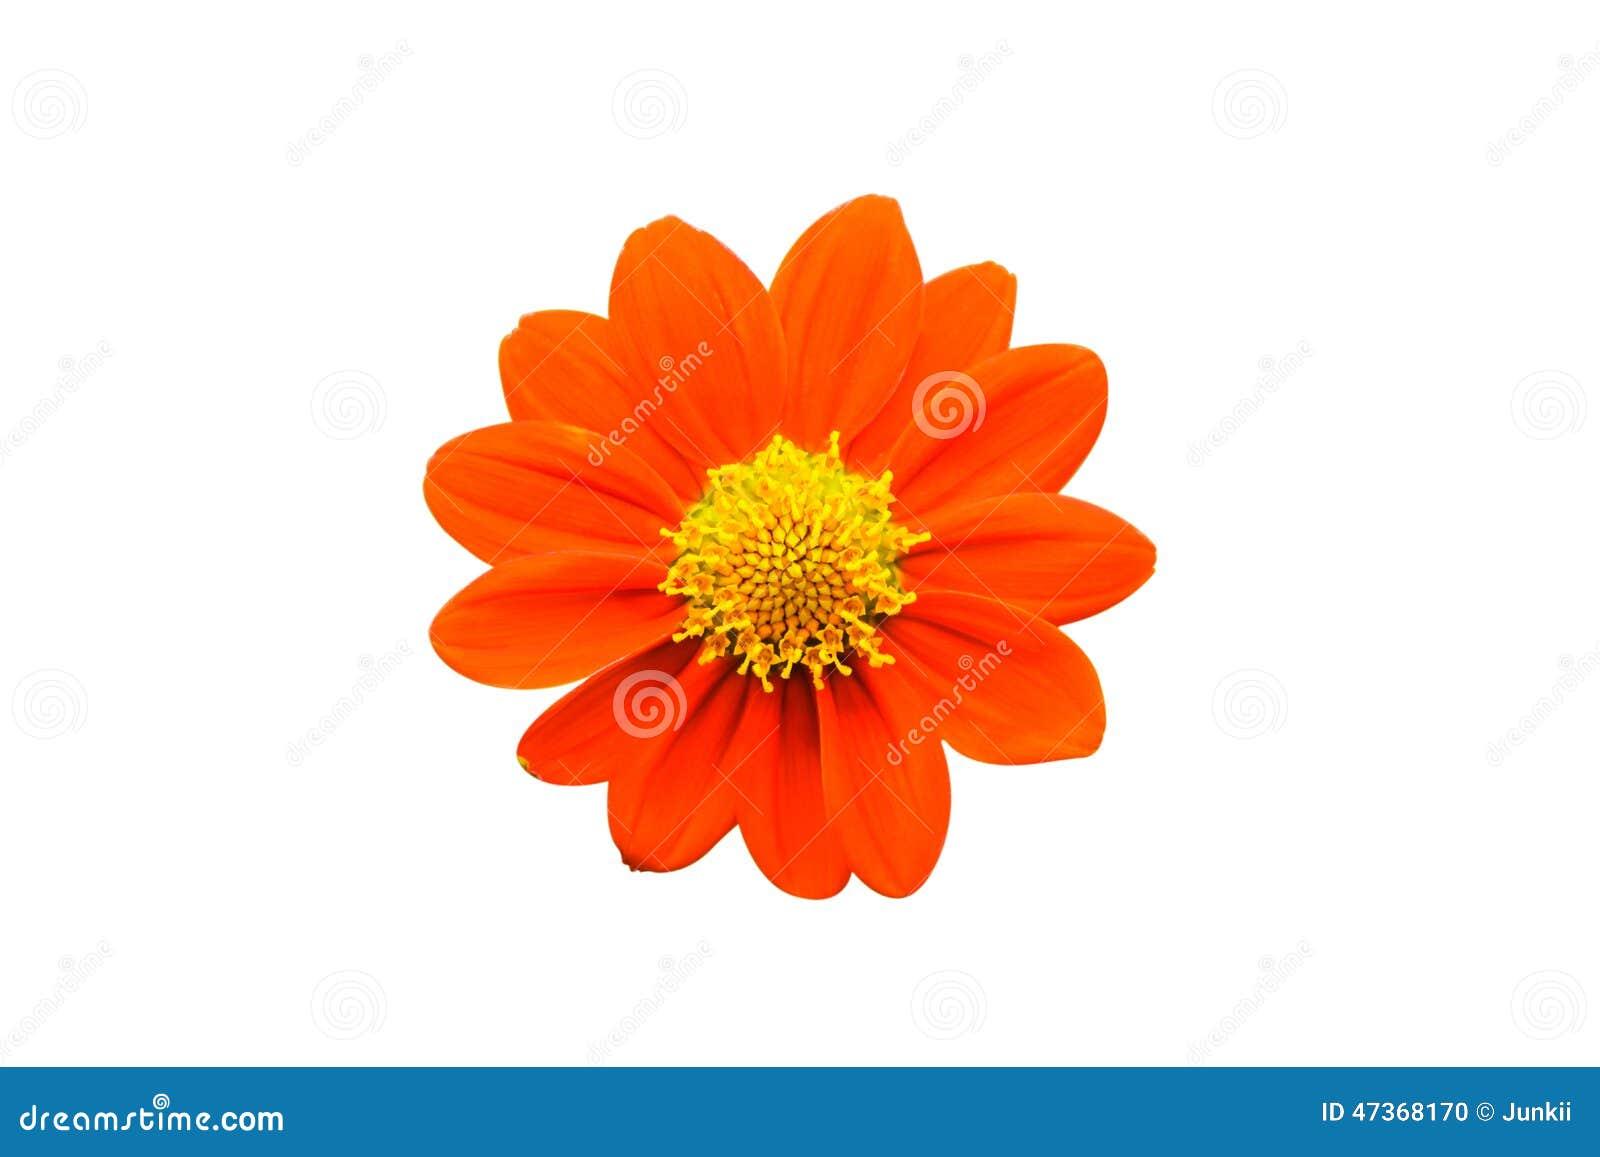 The Single Orange Flower Isolated On White Background Stock Photo